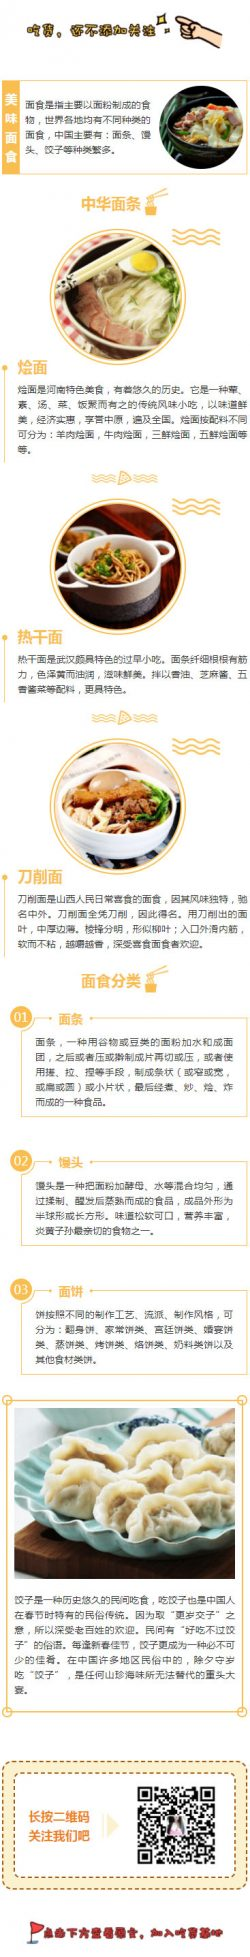 美食面食面条、馒头、饺食品介绍菜色